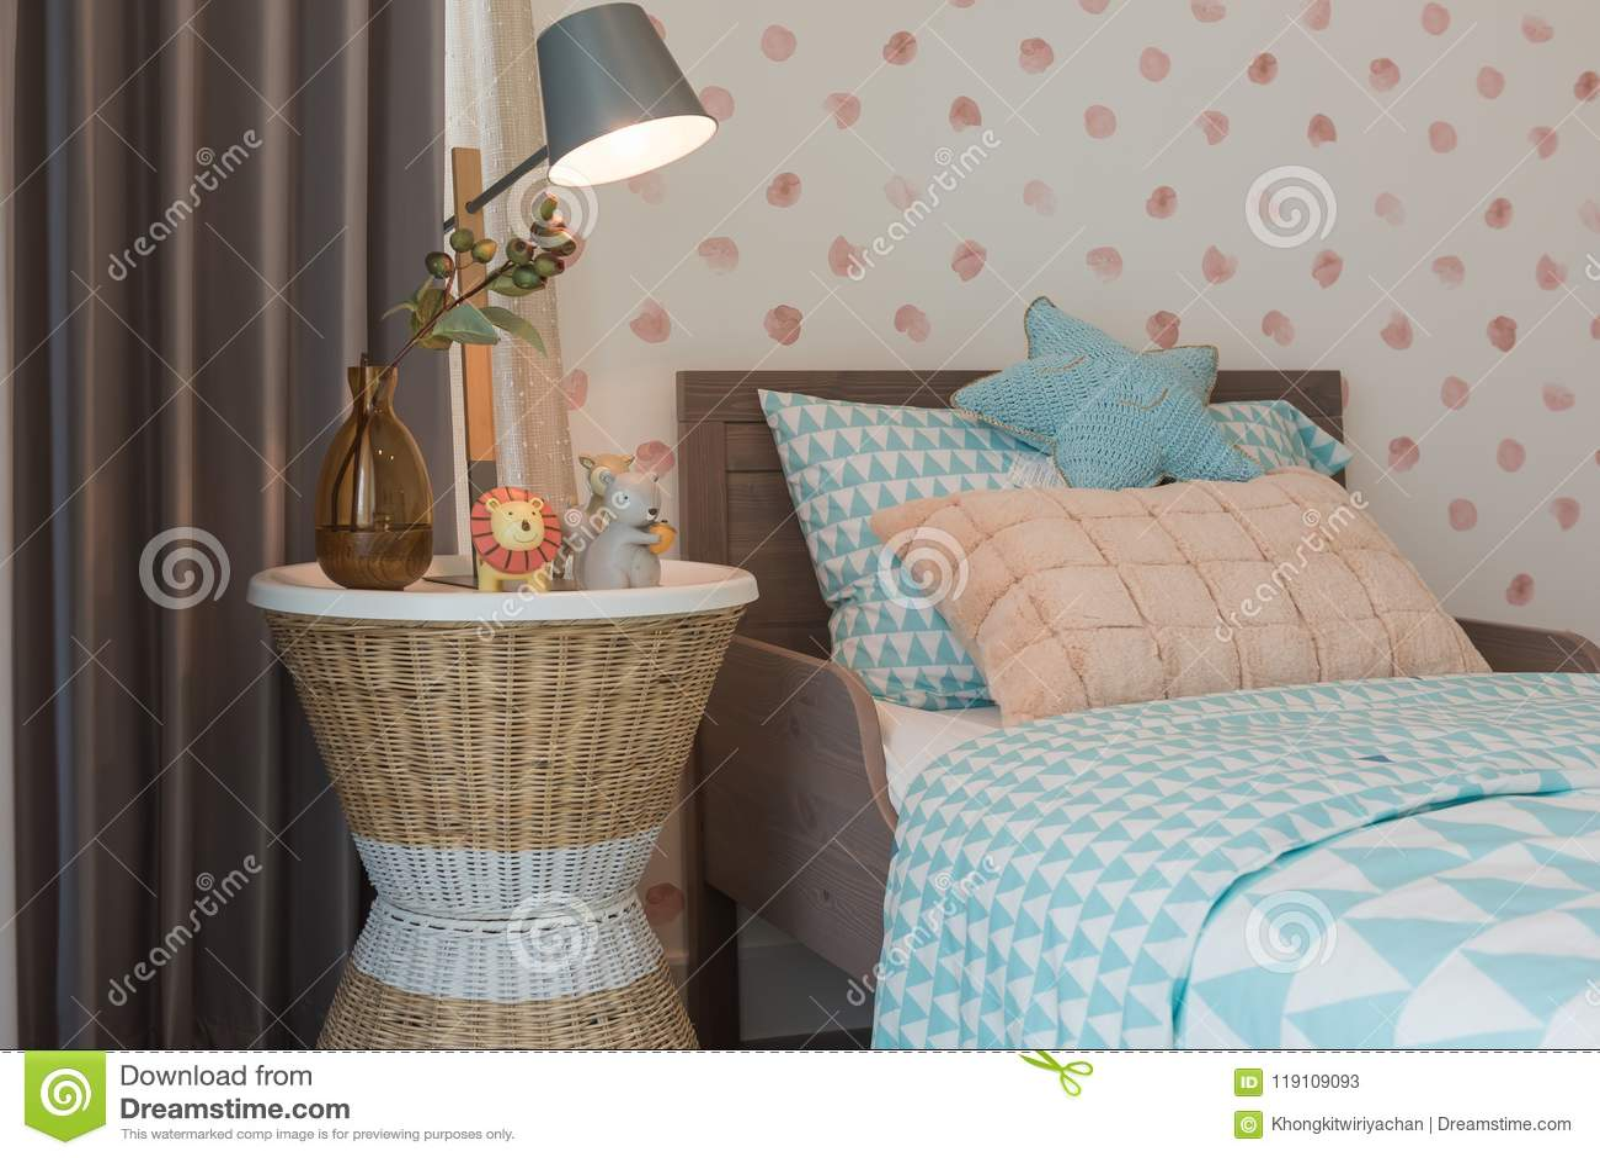 Das Schlafzimmer Des Kindes Mit Gemütlichem Bett Stockbild Bild